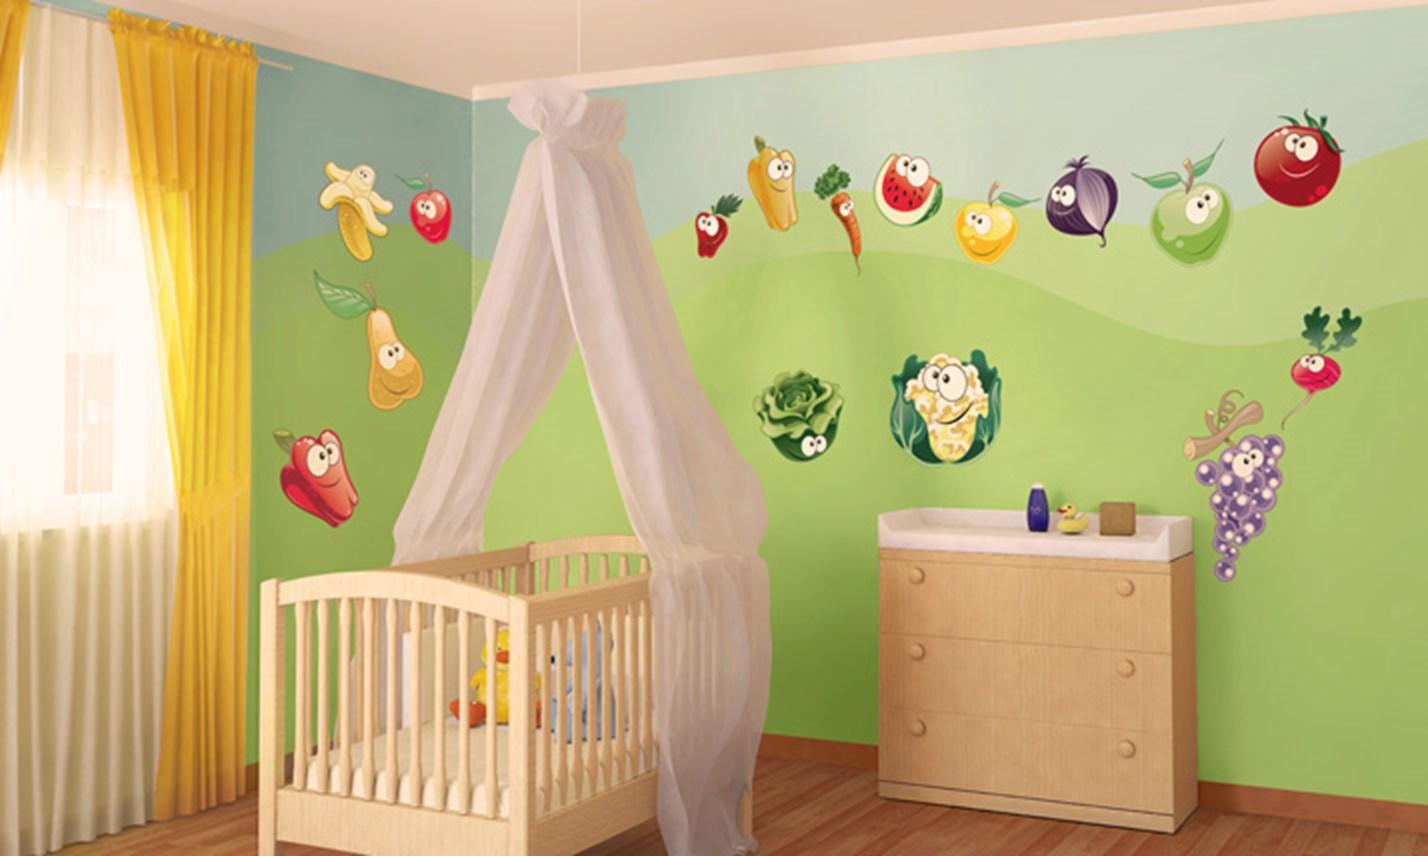 Cool decorare cameretta neonato with decorare cameretta for Decorazioni per camerette